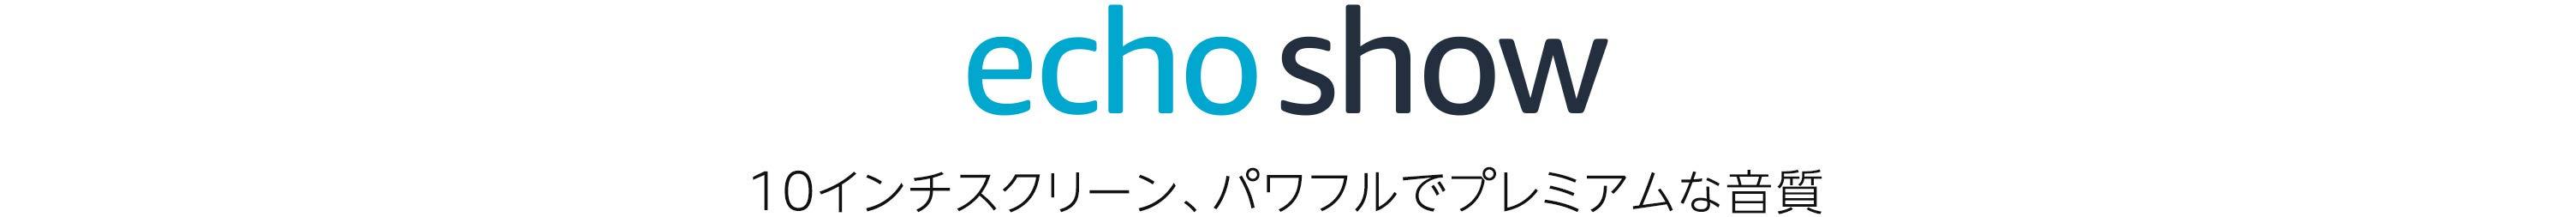 Echo Show - 10インチスクリーン、パワフルでプレミアムな音質